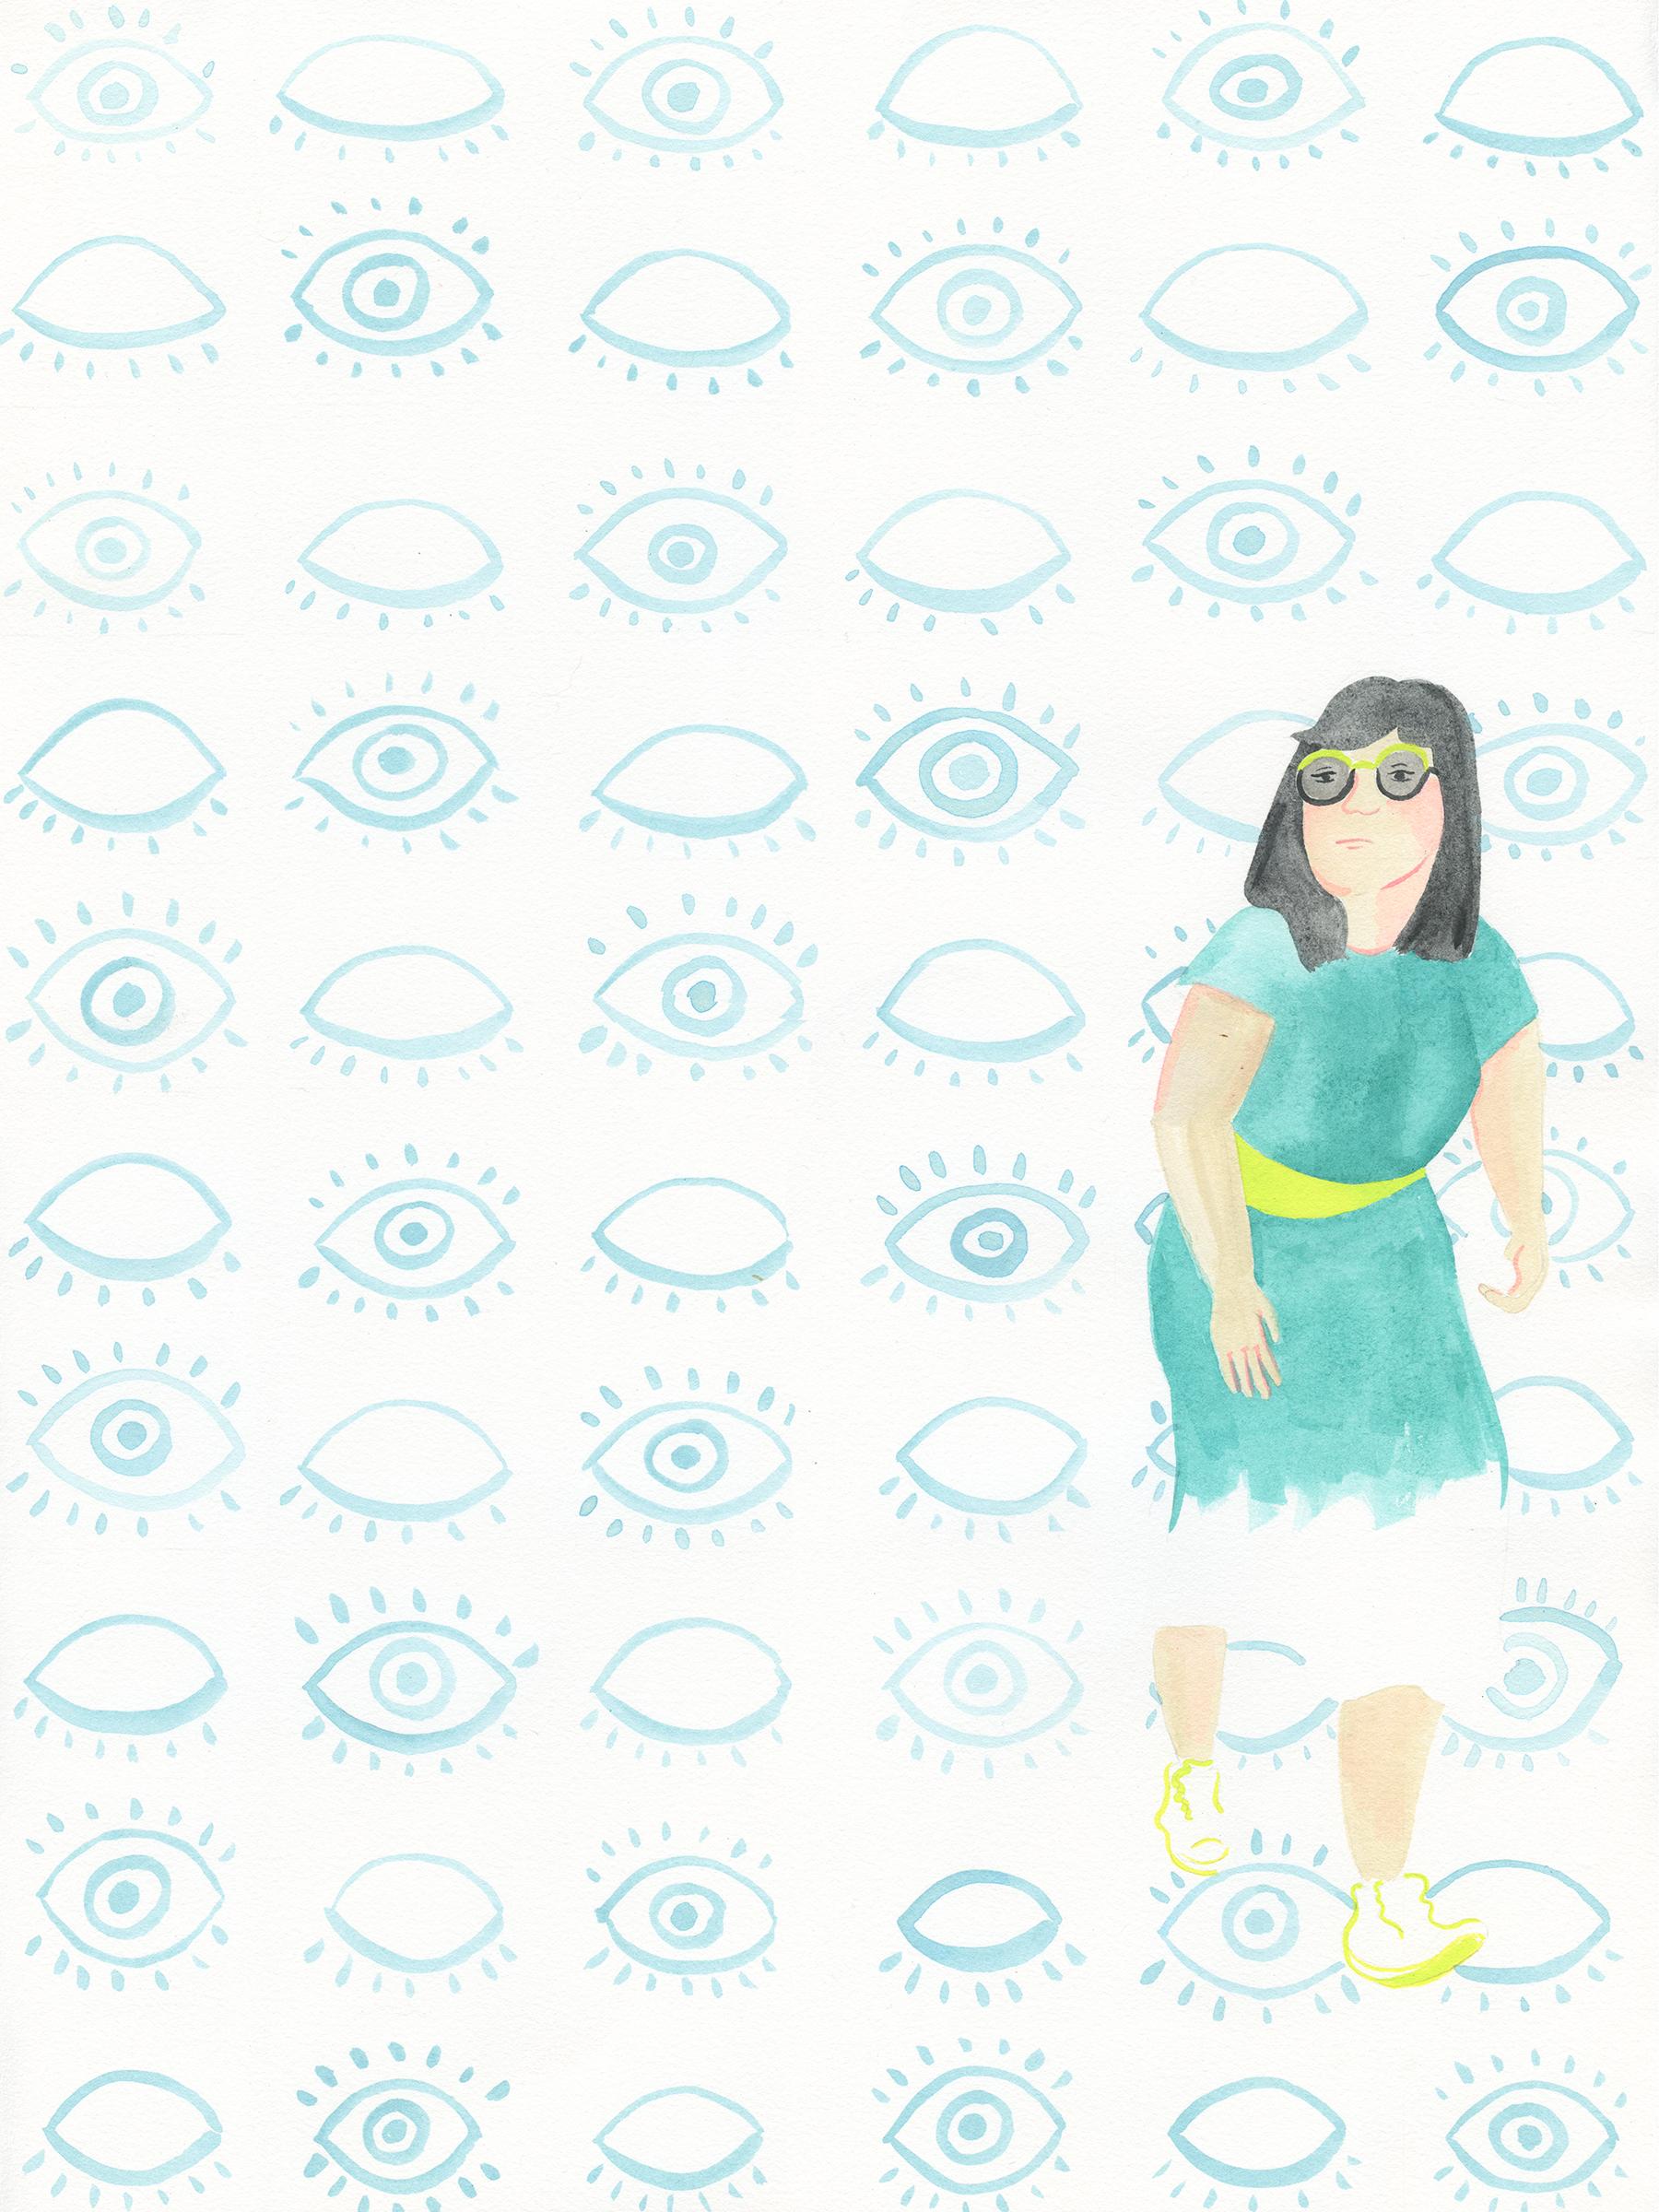 Eye_.png